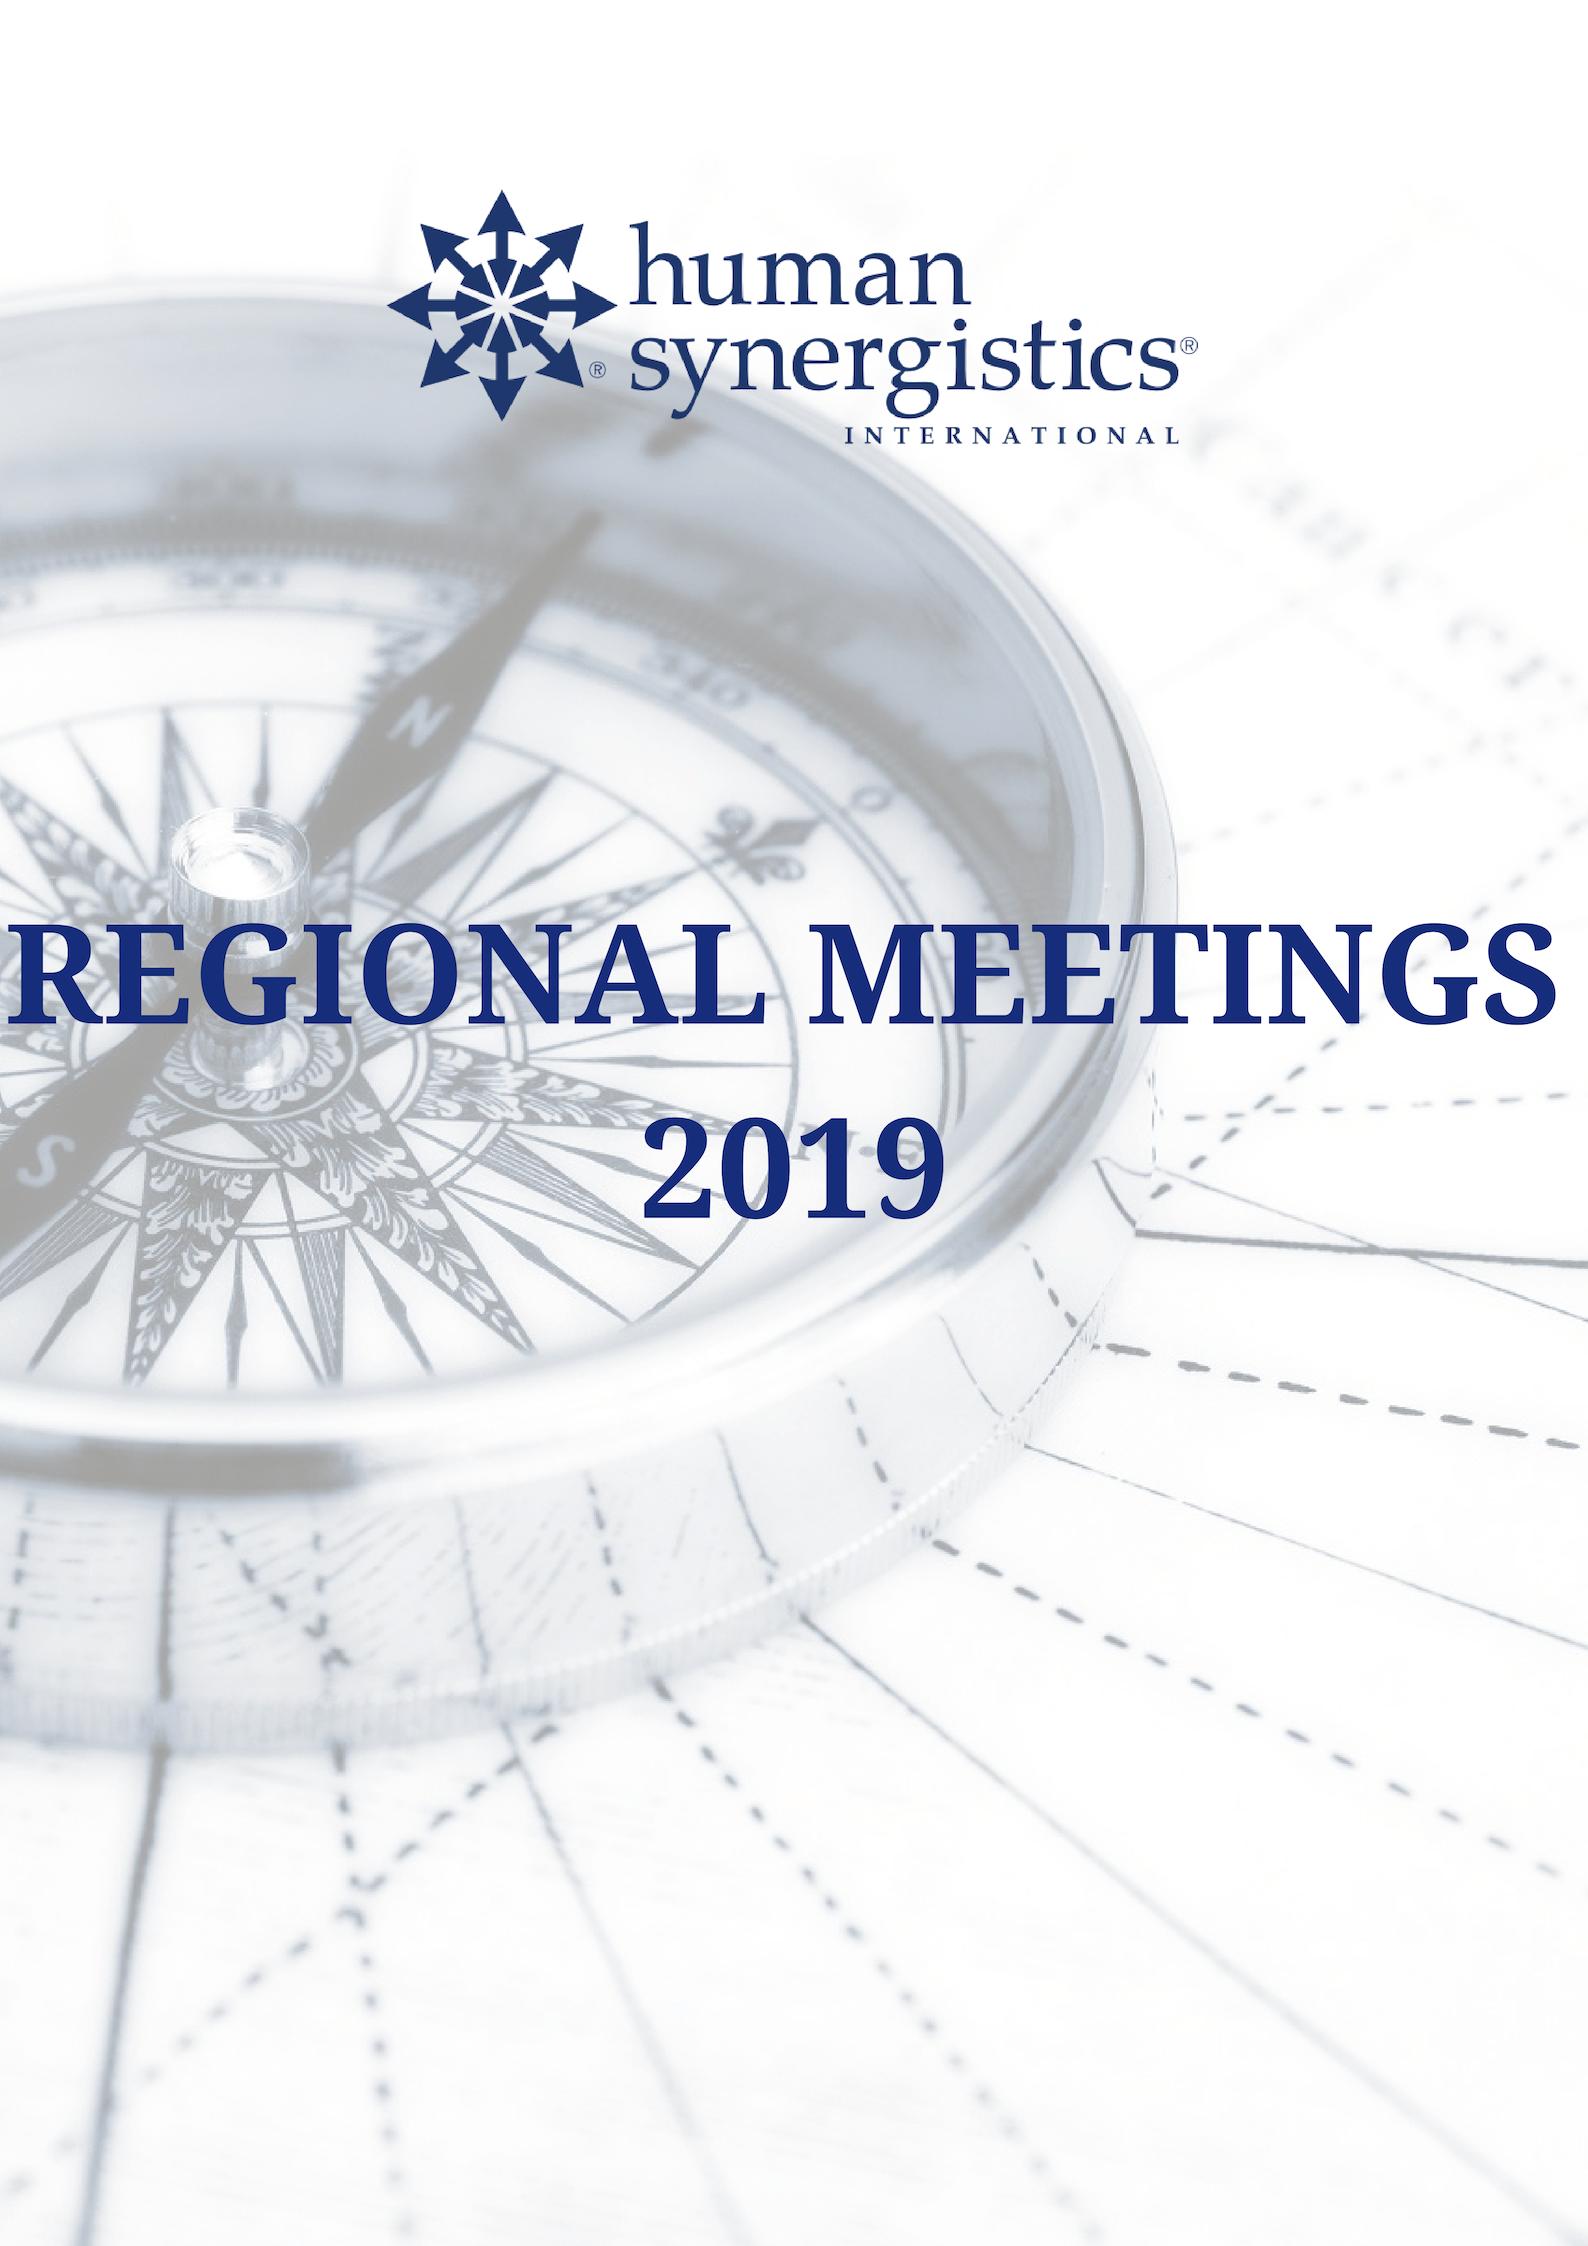 Regional-Meetings-2019